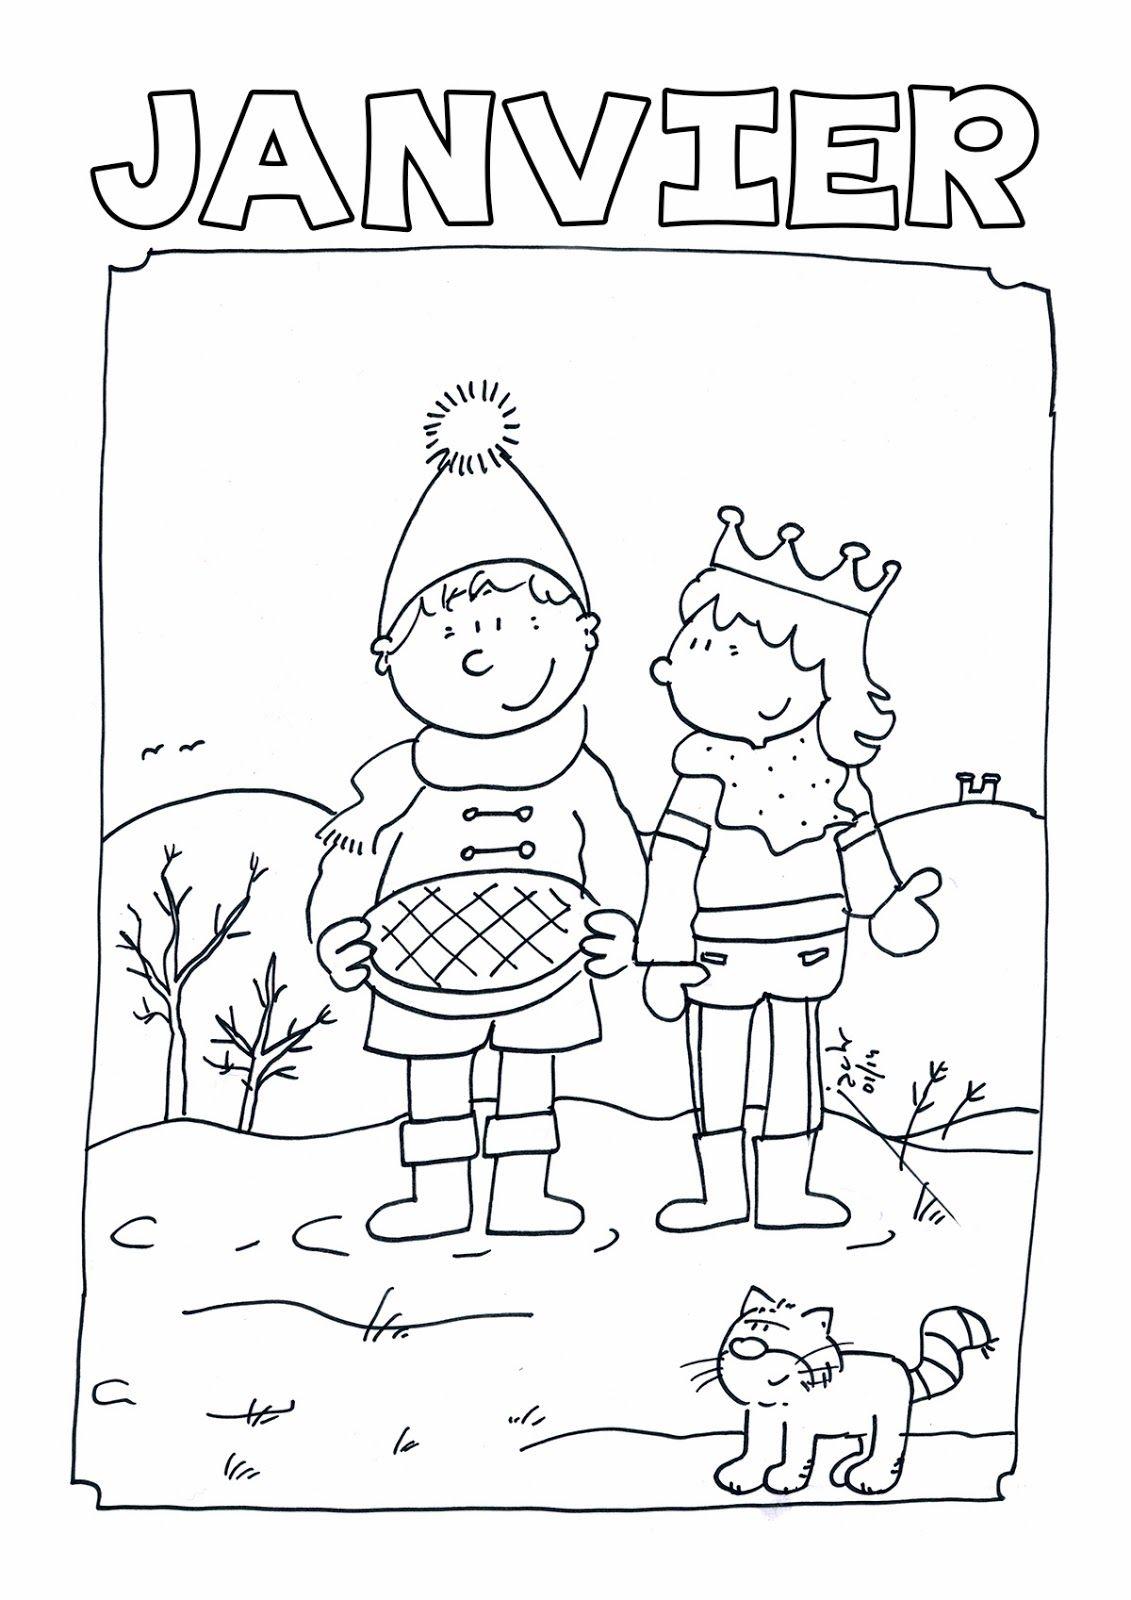 Coloriage janvier coloriage enfant pinterest - Coloriage enfant maternelle ...